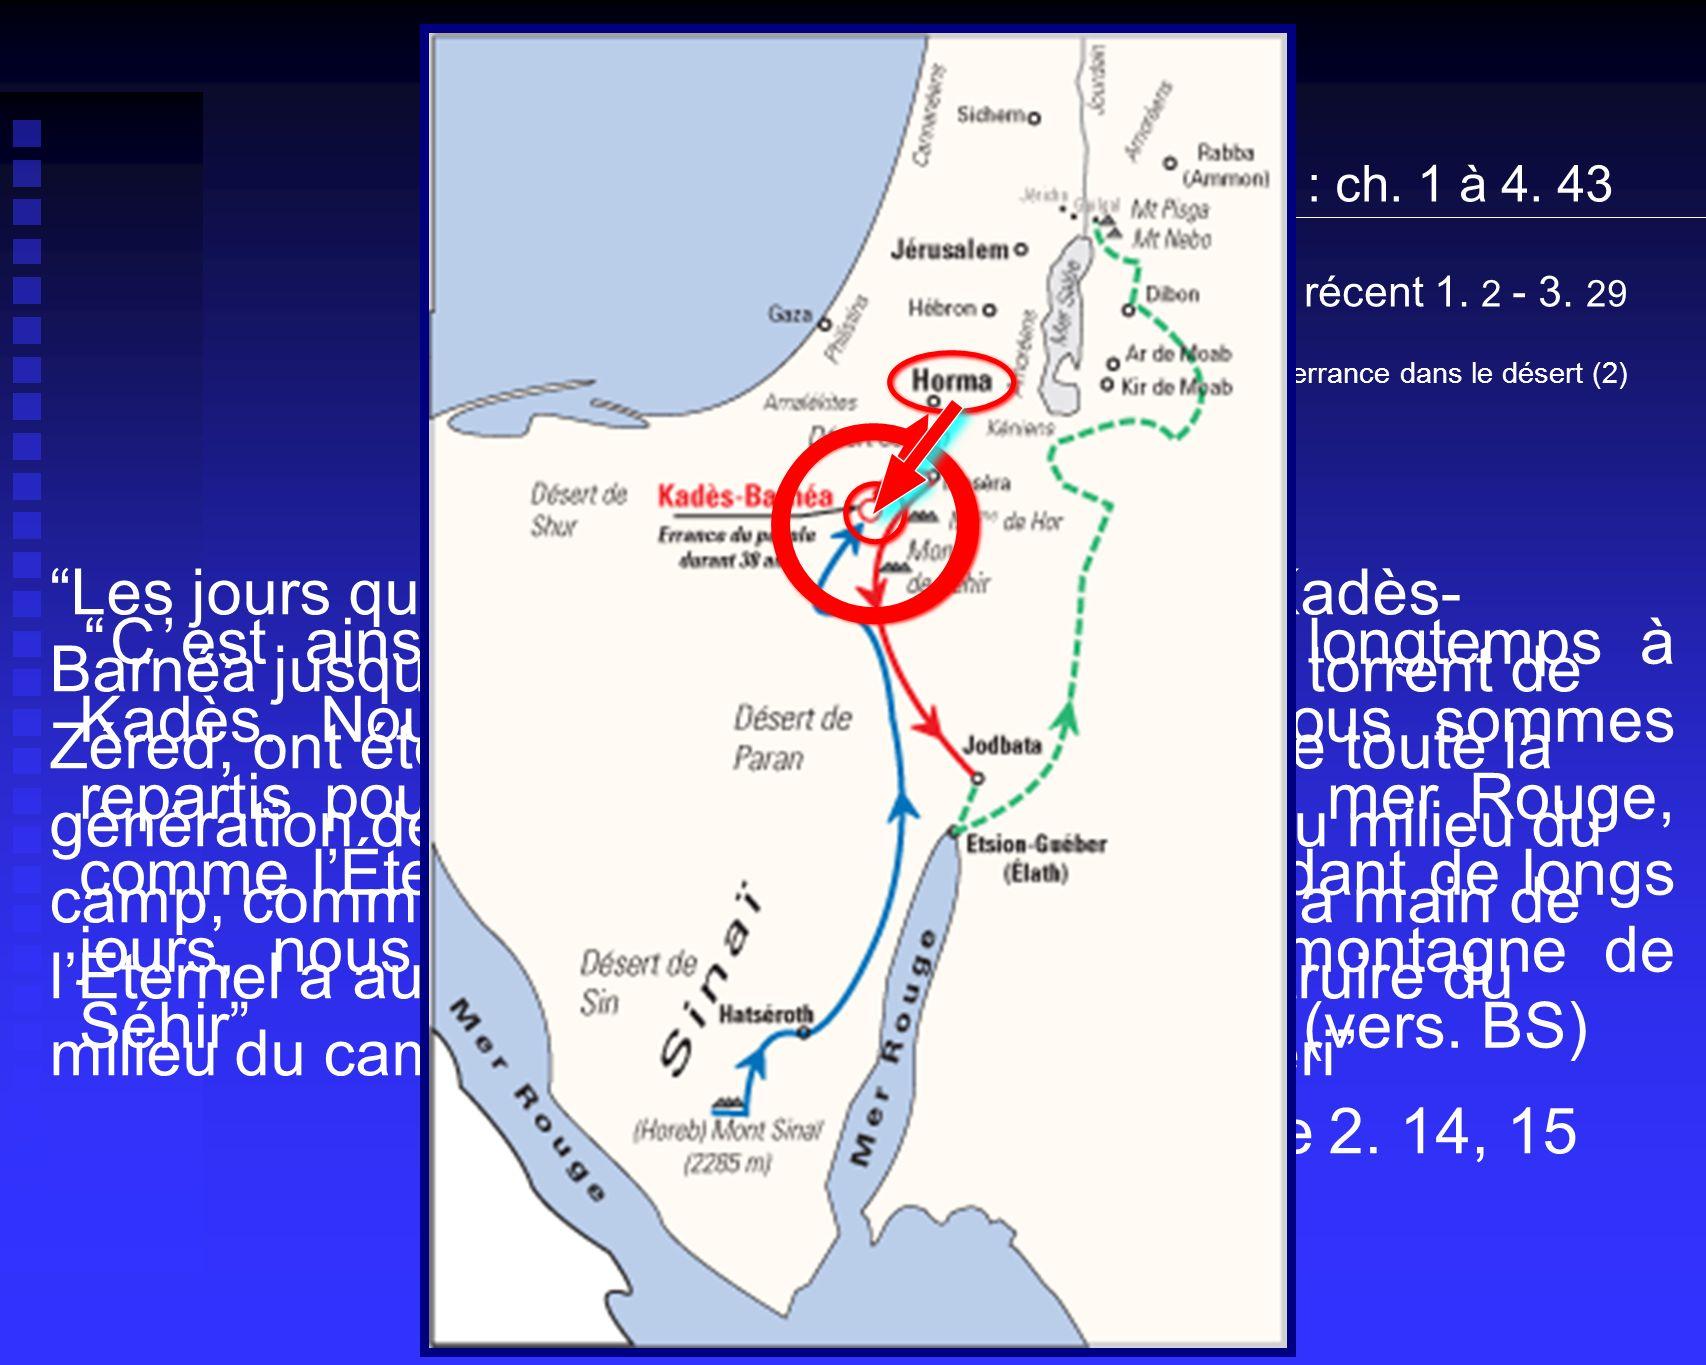 Cest ainsi que vous êtes restés très longtemps à Kadès. Nous avons fait demi-tour et nous sommes repartis pour le désert en direction de la mer Rouge,